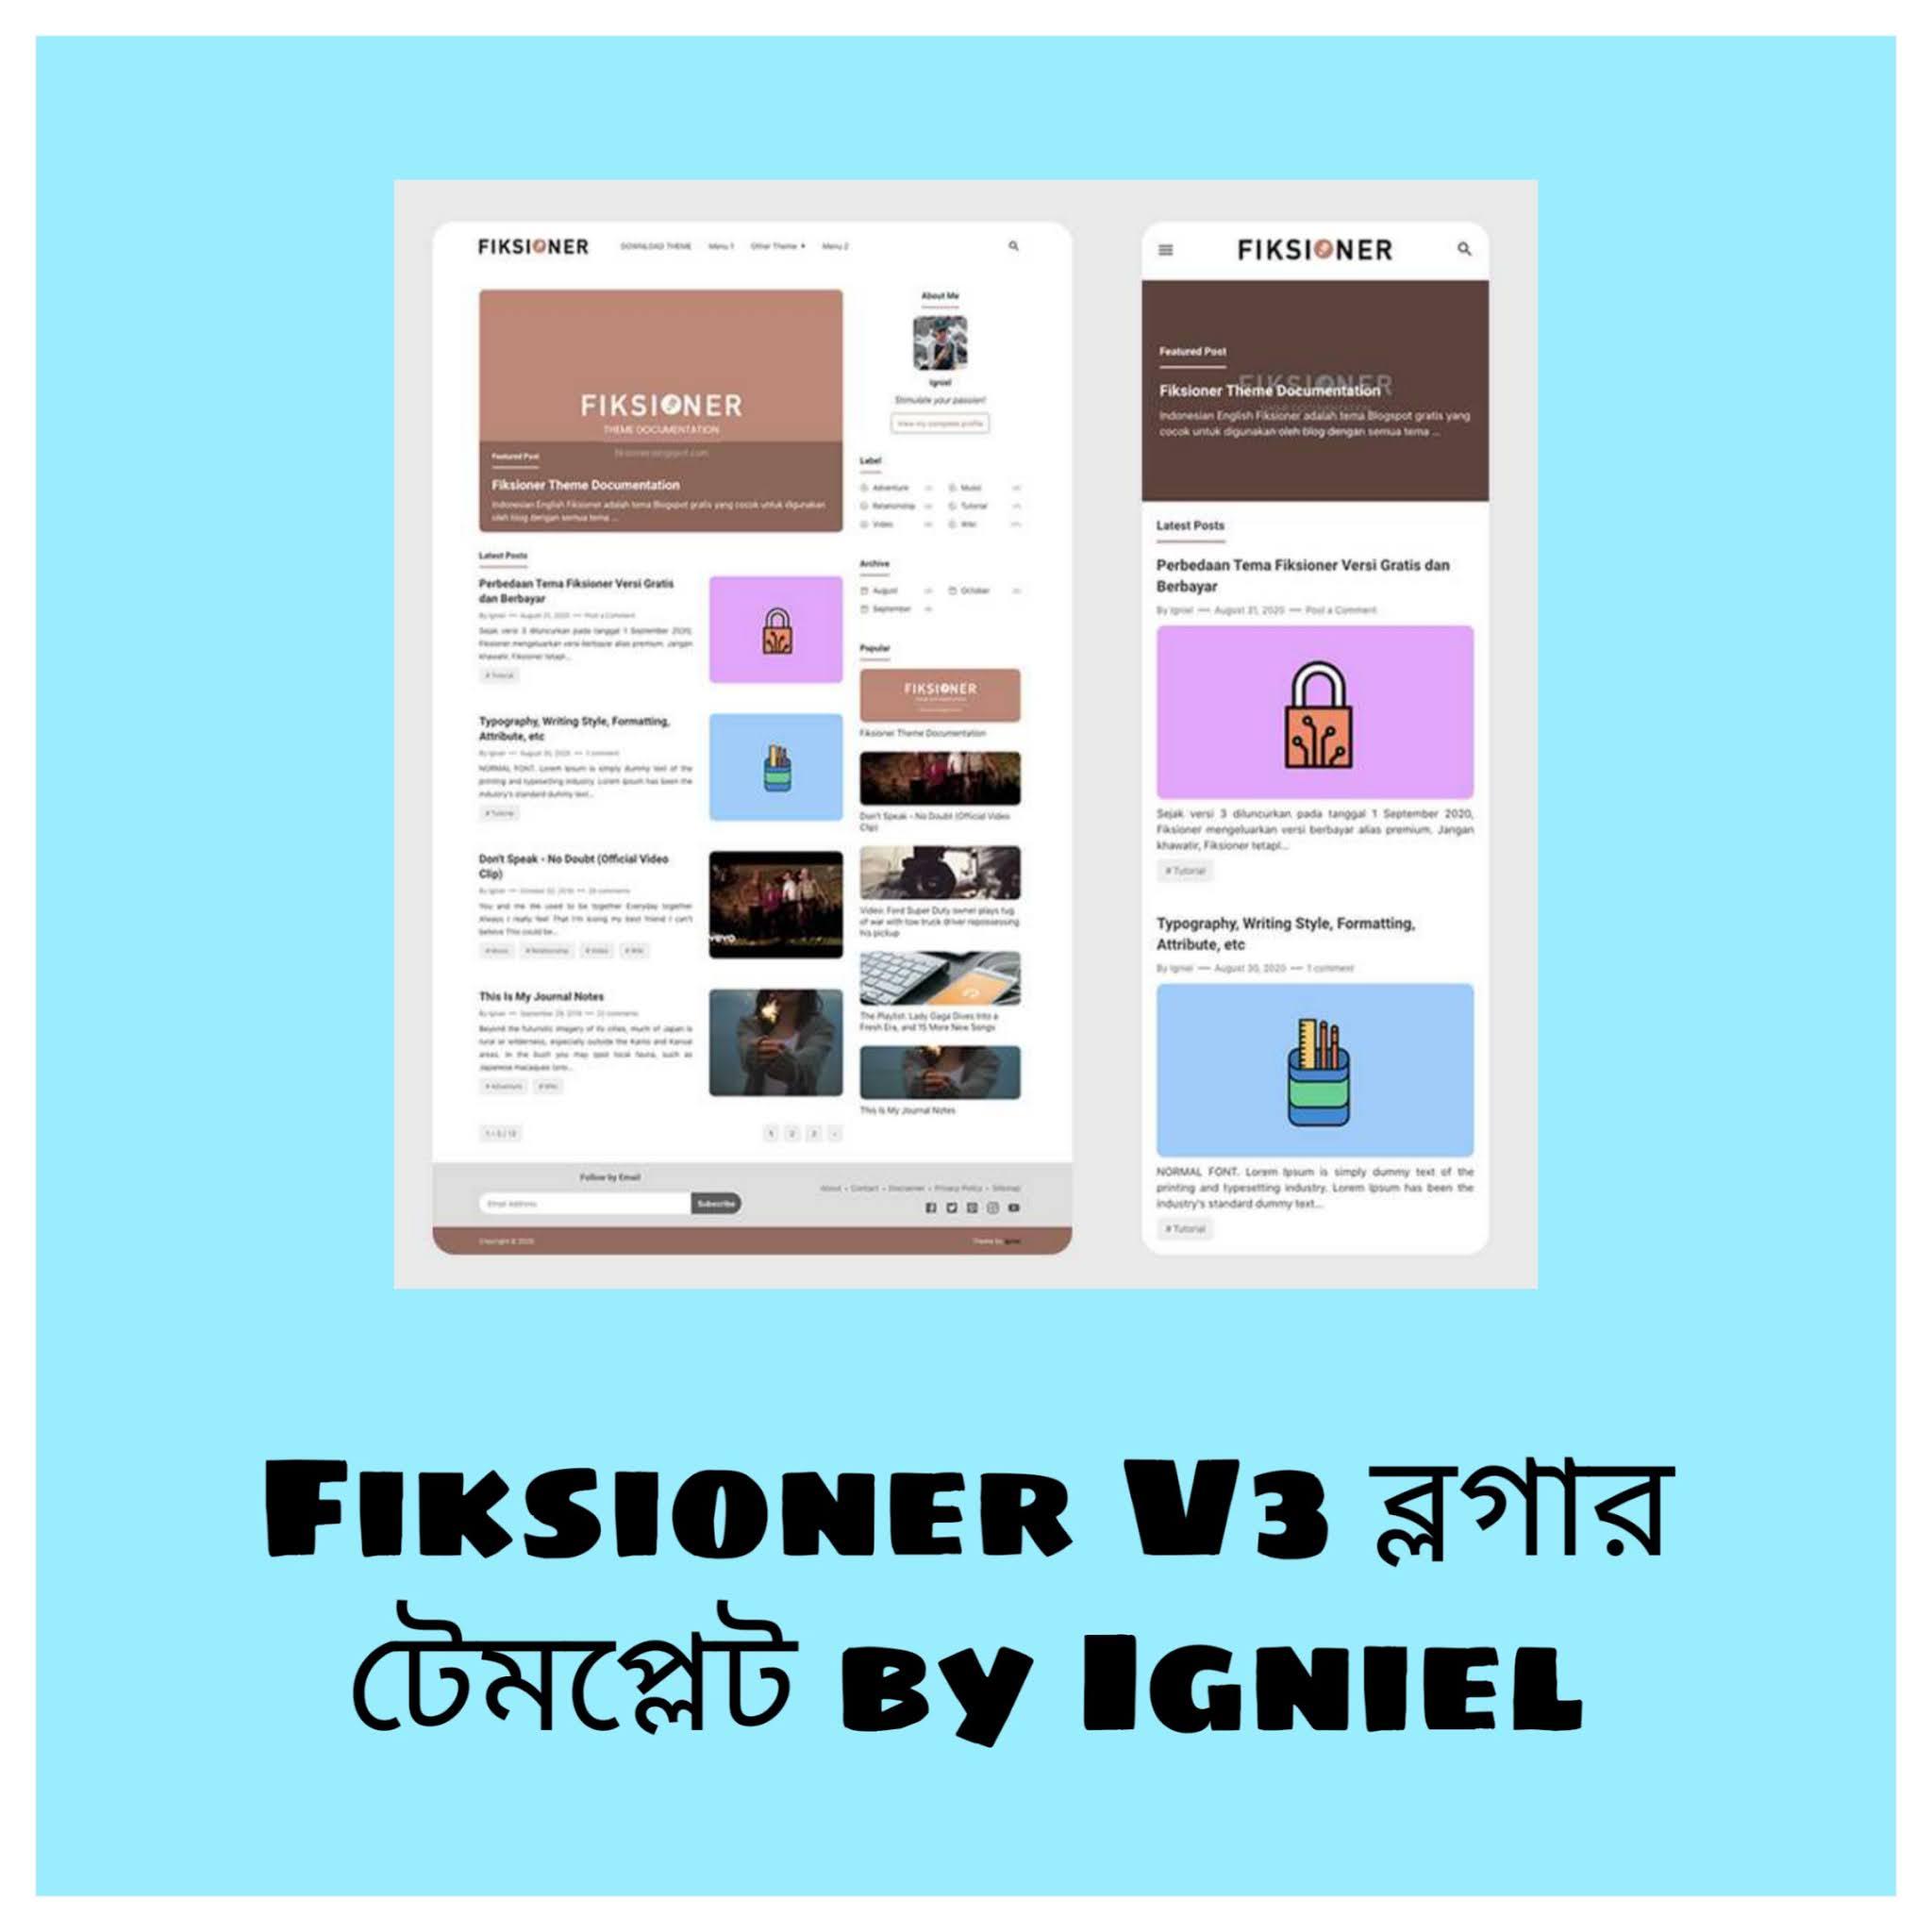 Fiksioner V3 ব্লগার টেমপ্লেট by Igniel